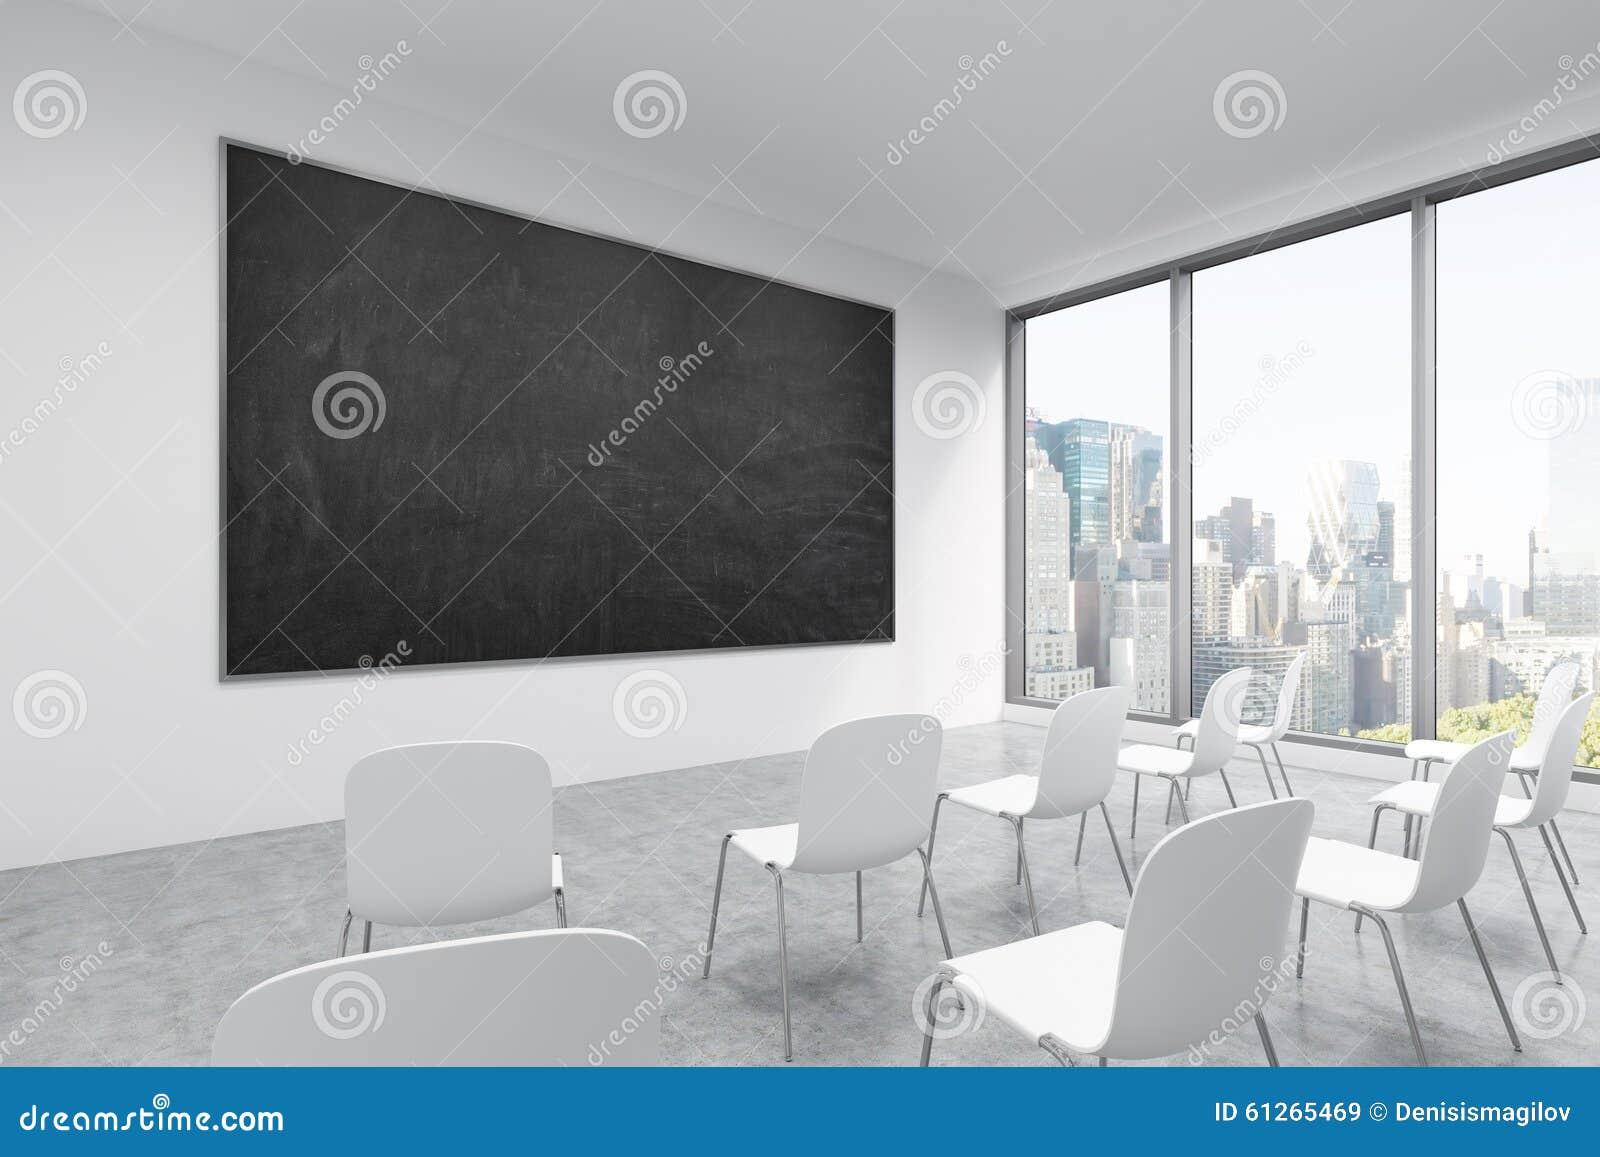 Prezentacja pokój w, sala lekcyjna lub Biel krzesła, czarny chalkboard na ścianie i panorami,